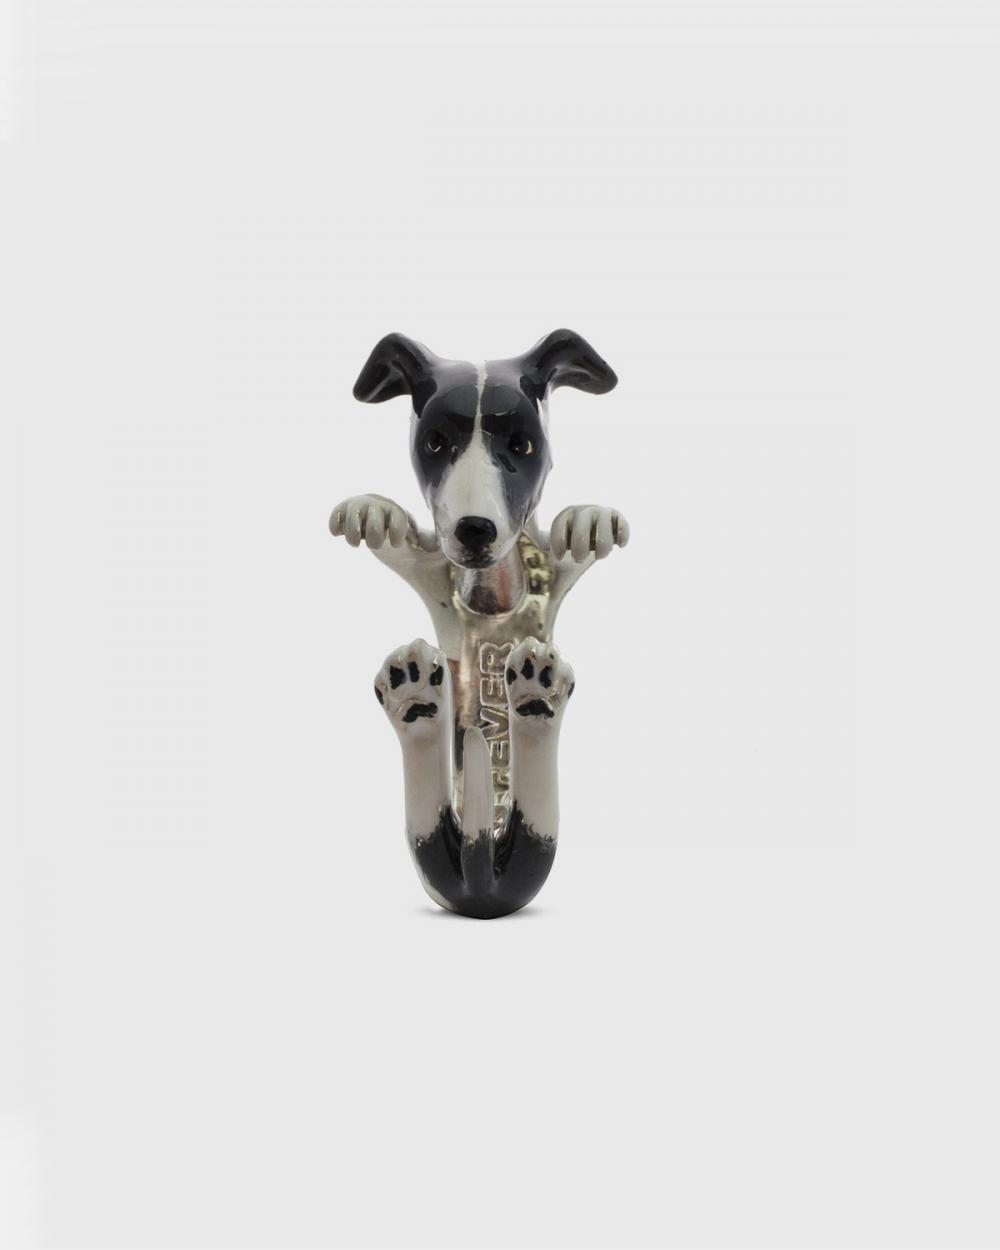 Dog Fever WHIPPET HUG RING / ENAMELLED NOVE25